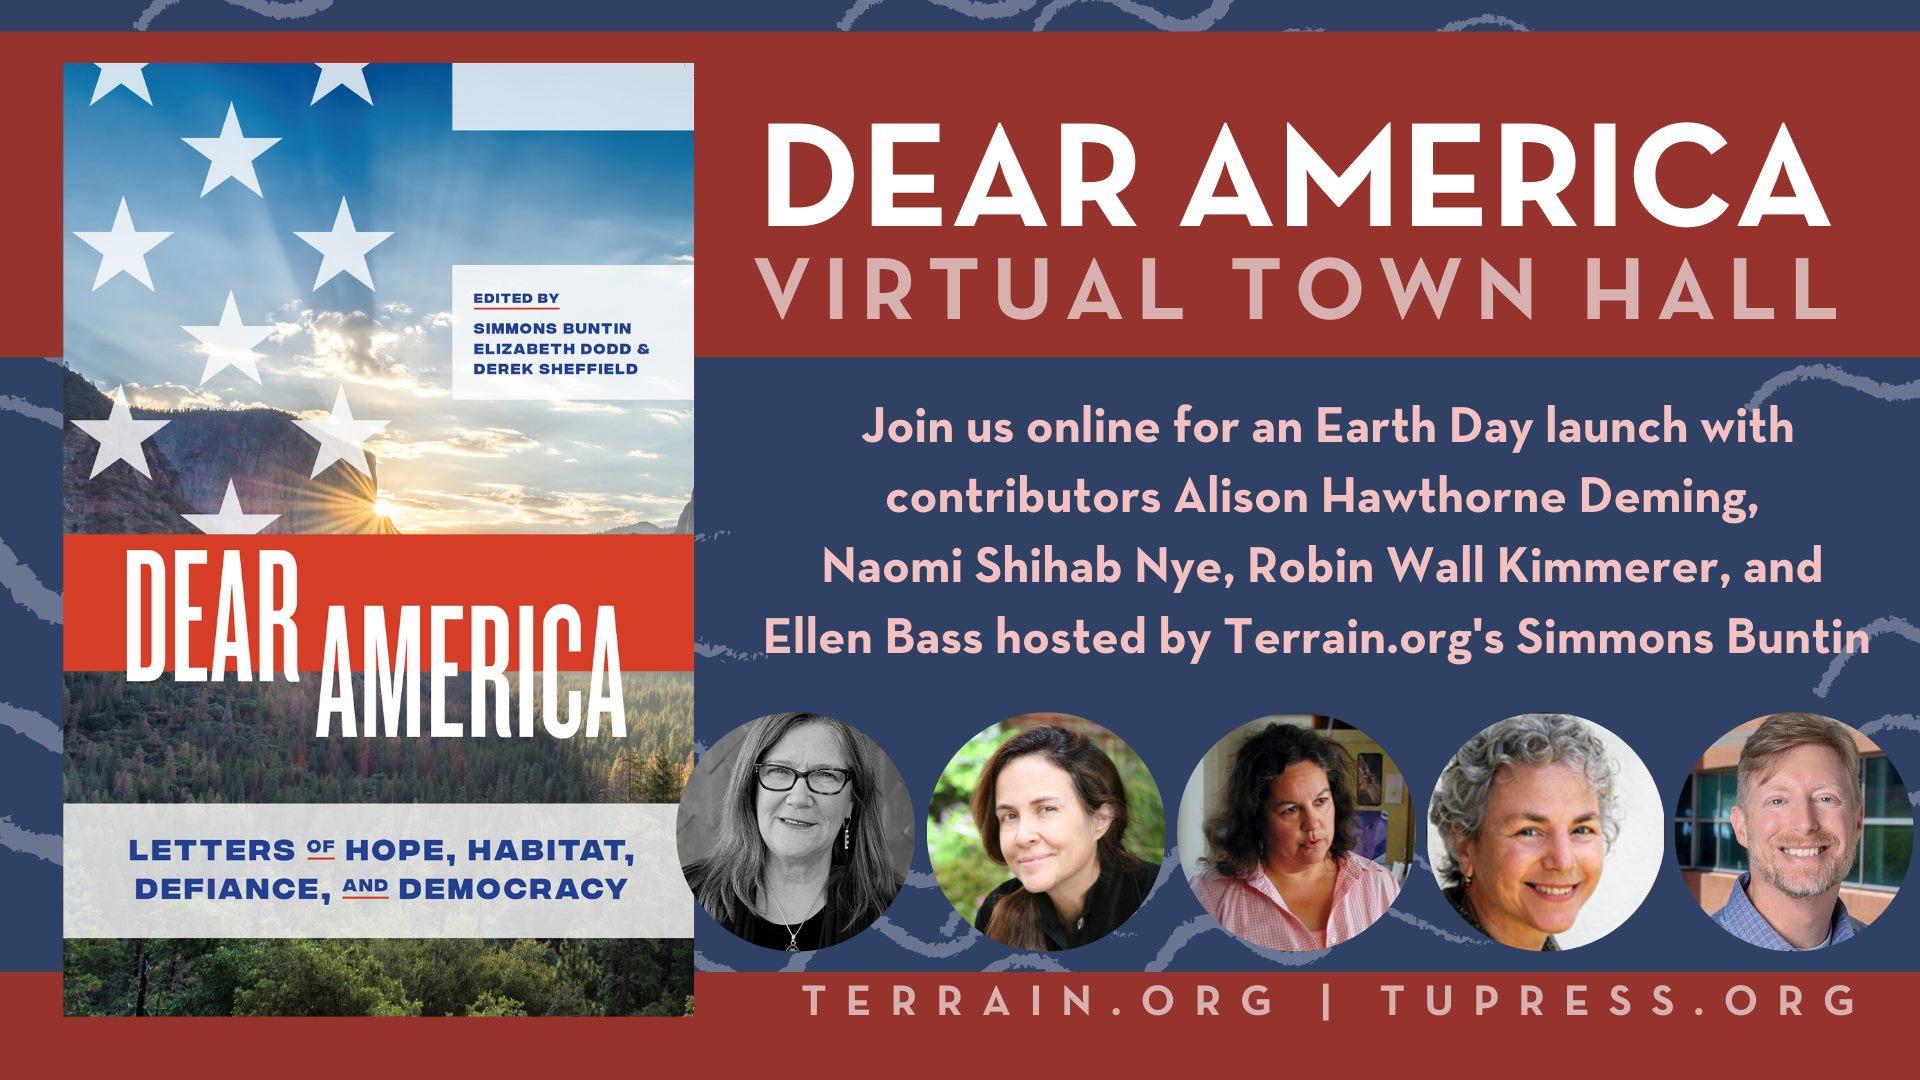 Dear America Virtual Town Hall